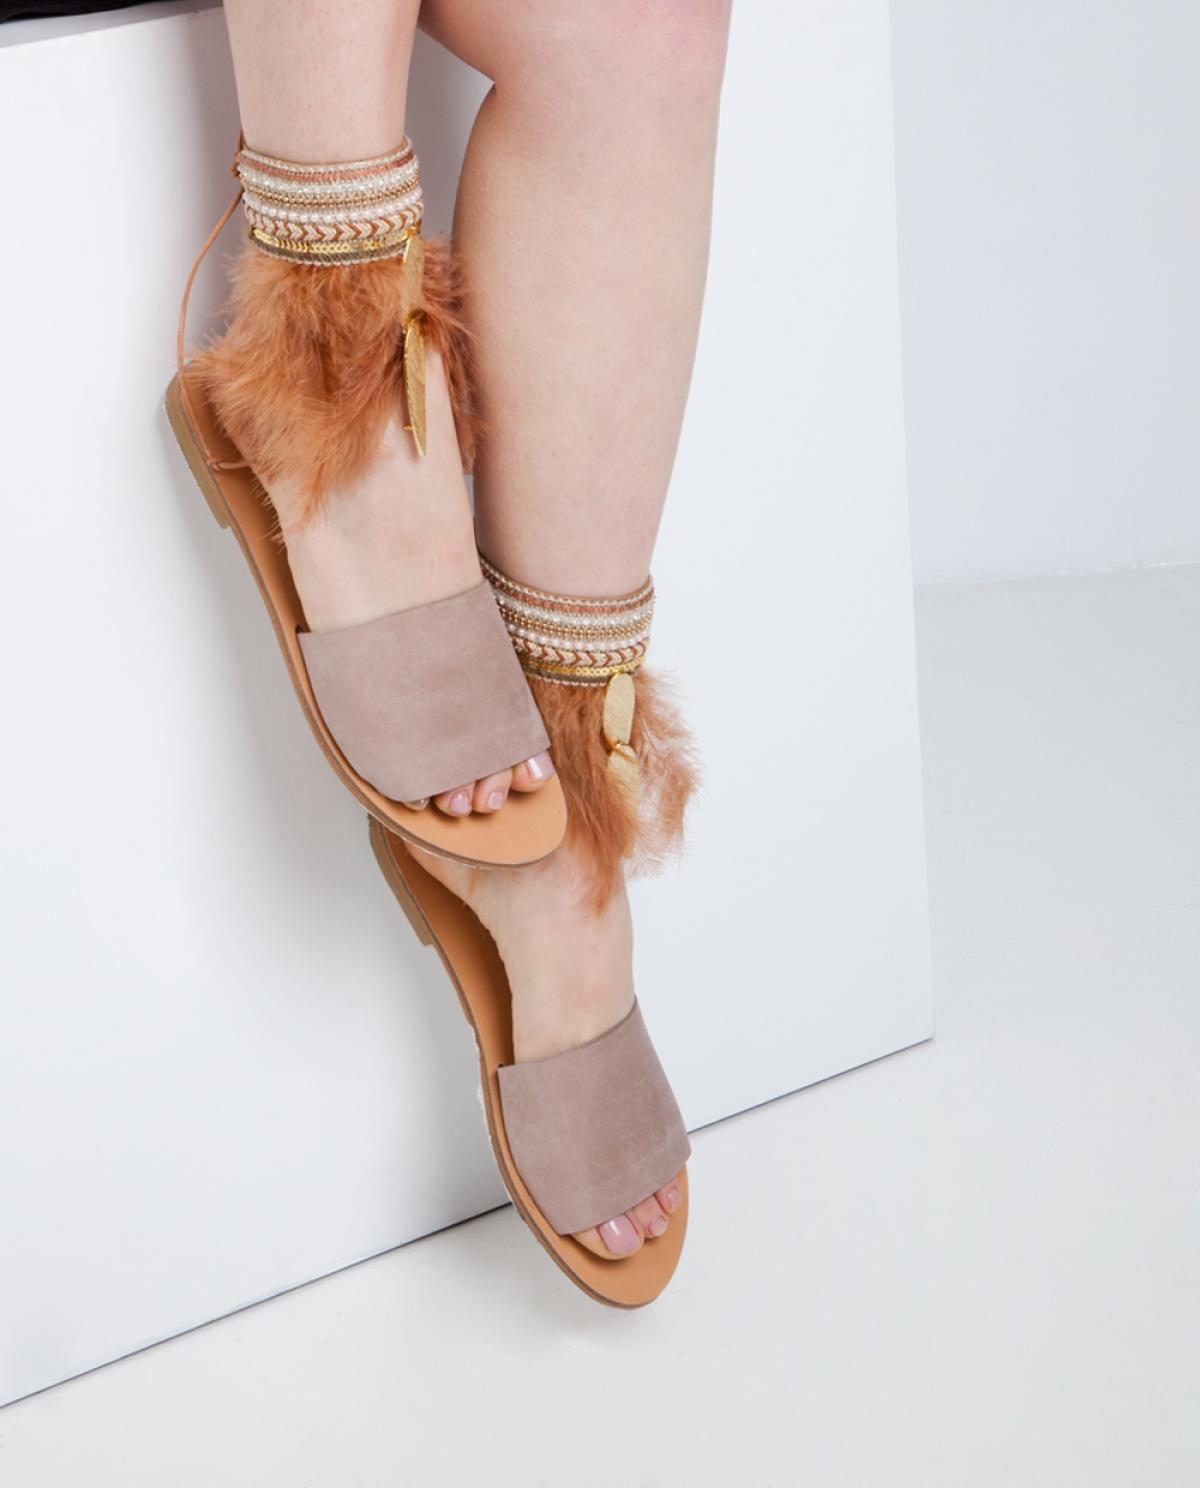 8d4c48315 Delilah Feather Sandals - Fashionnoiz